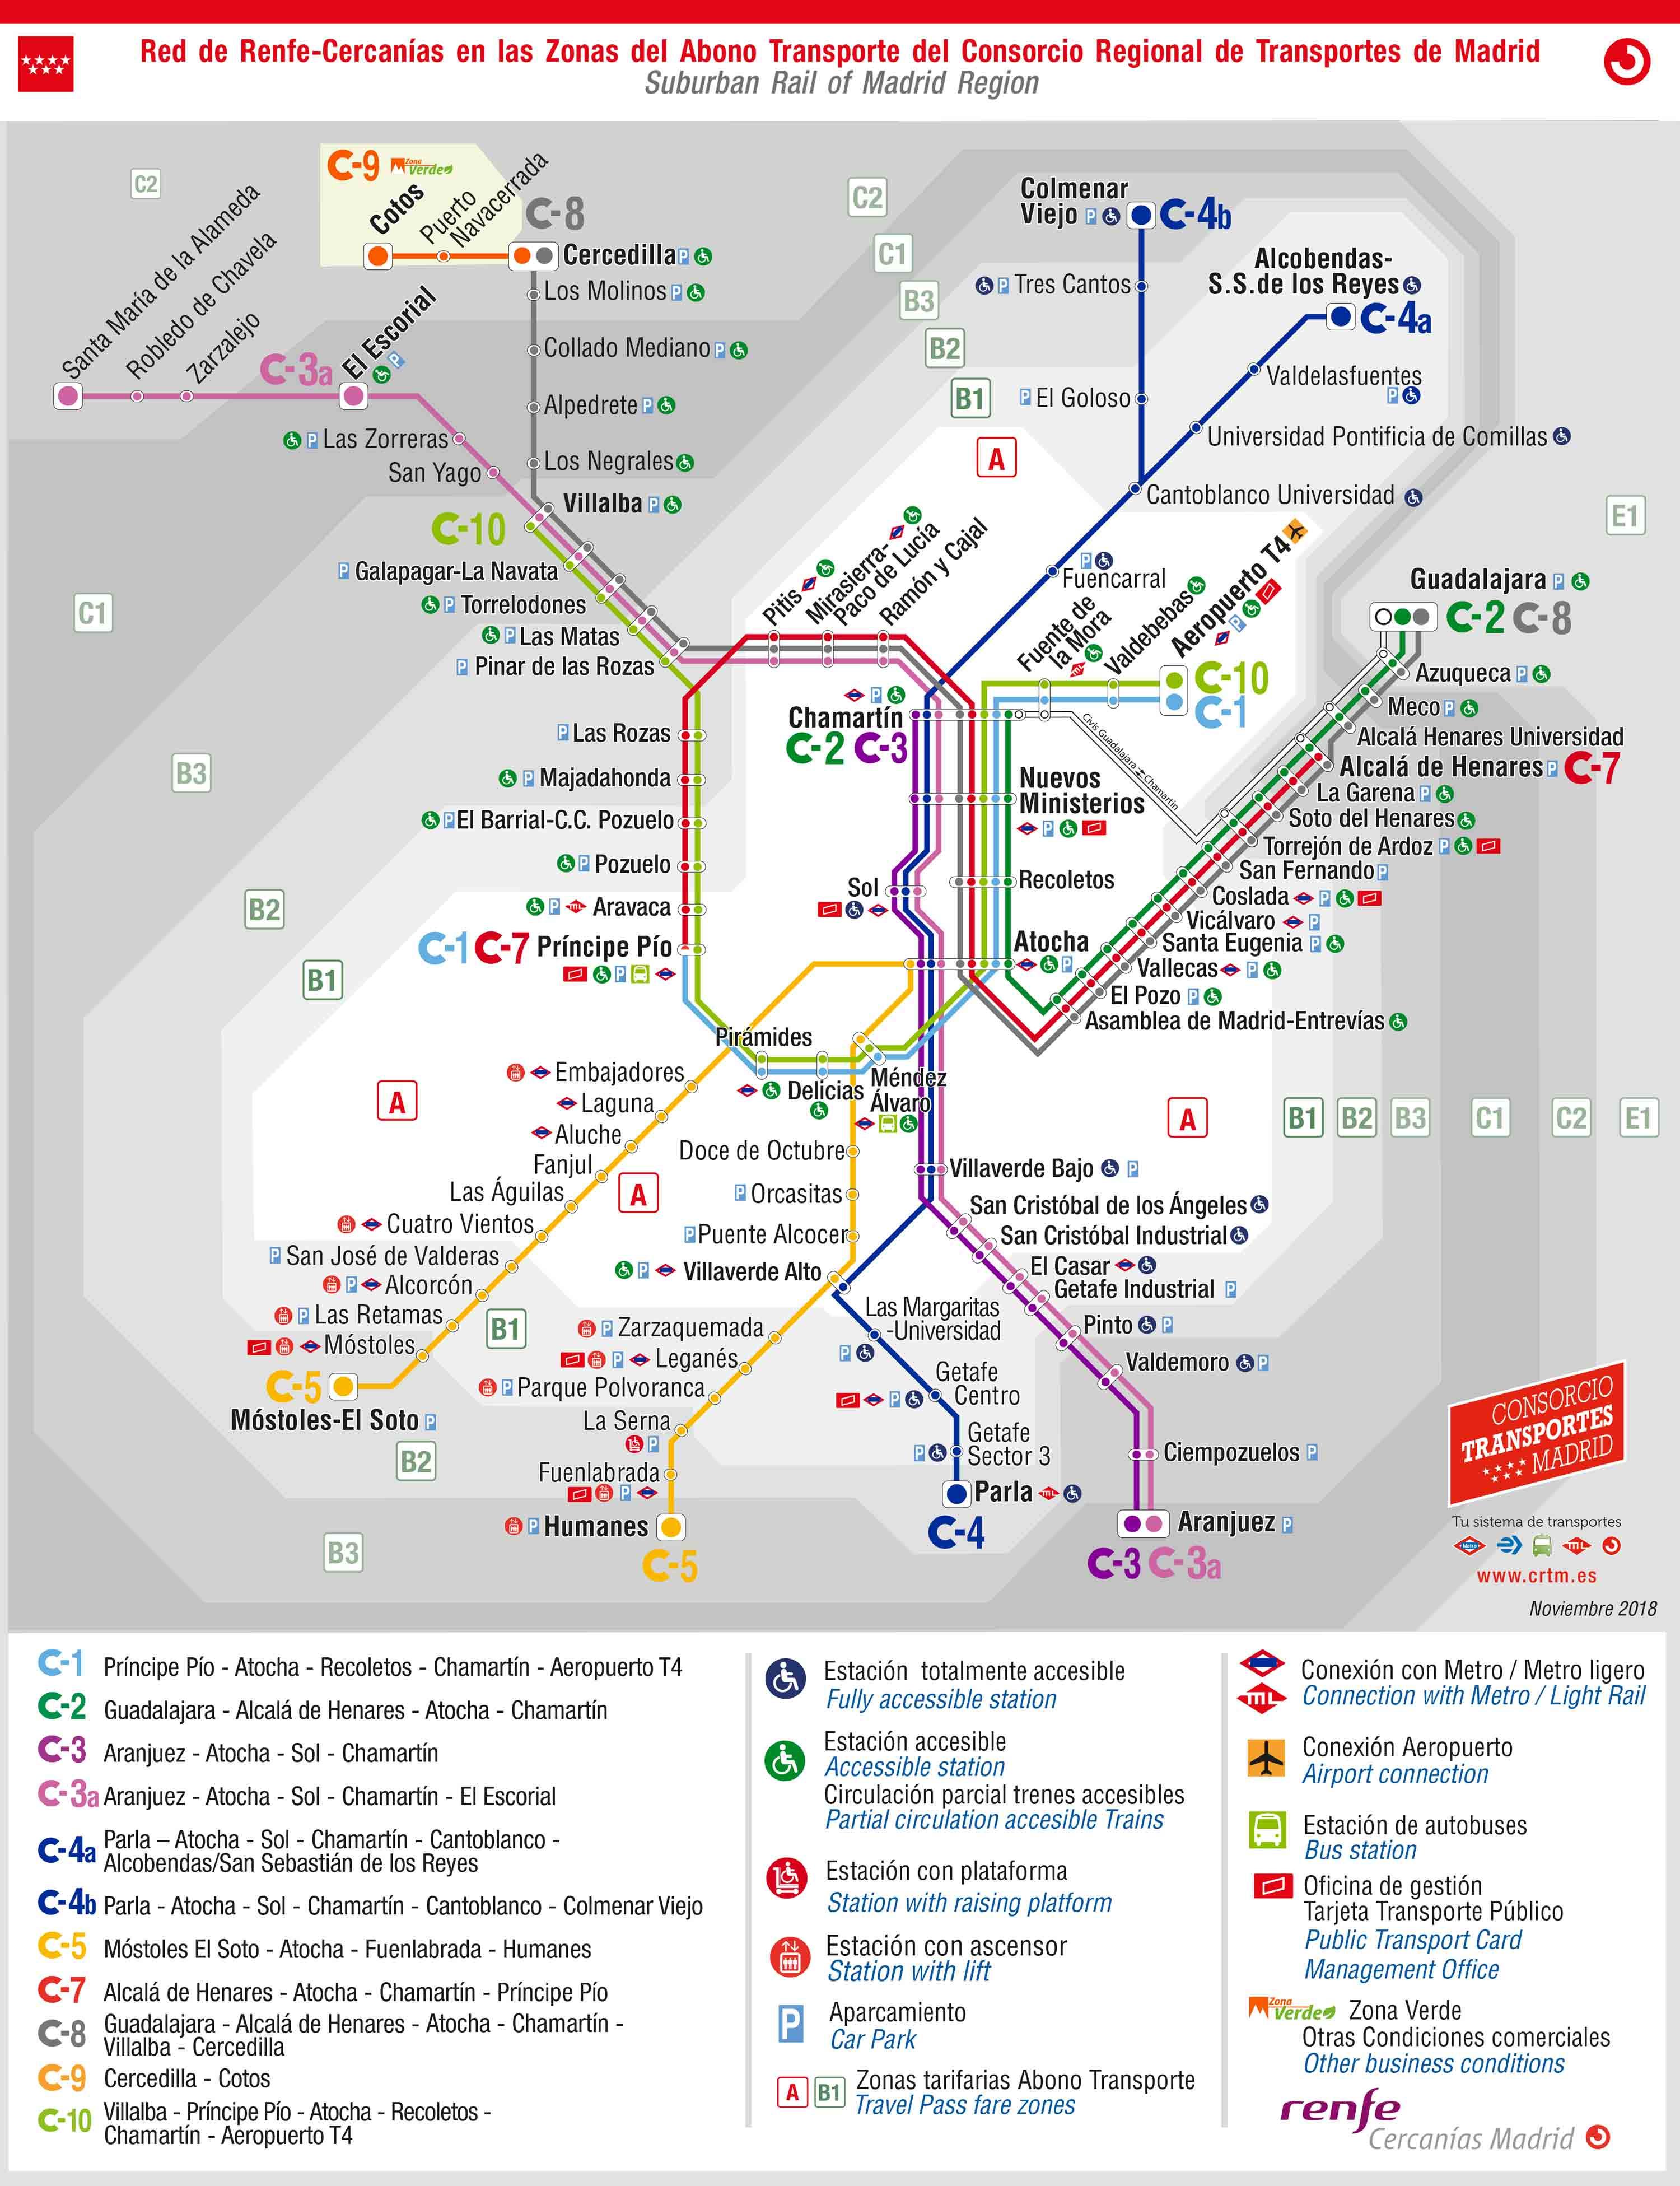 Mapa Metro Y Cercanias Madrid 2019.Planos Y Mapas De Metro Cercanias Y Otros Transportes De